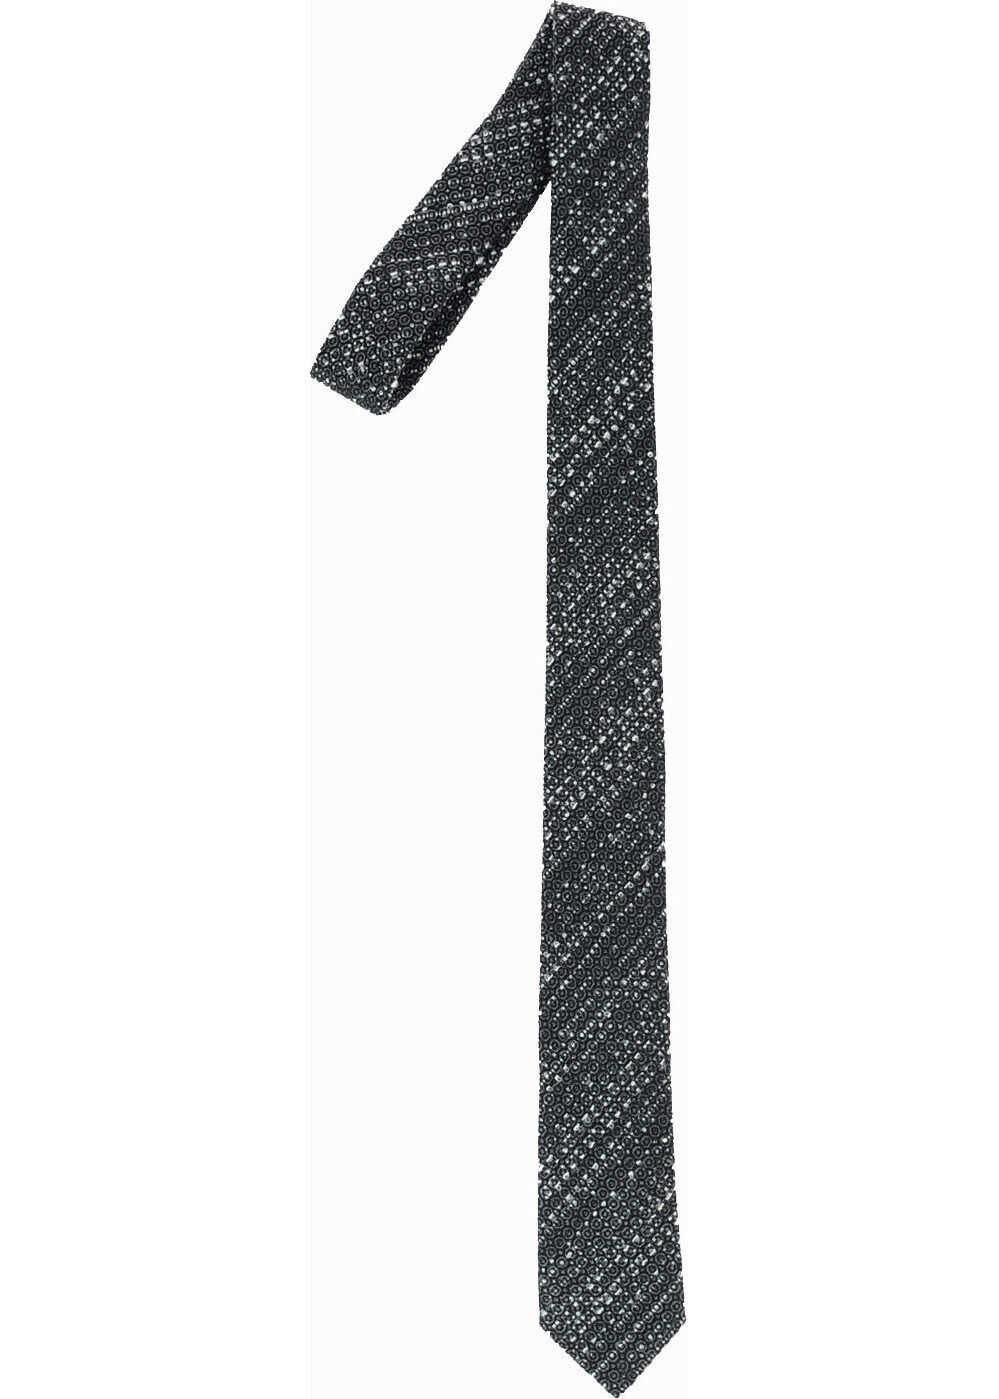 Armani EMPORIO Wool And Silk Jacquard Tie BLACK & WHITE